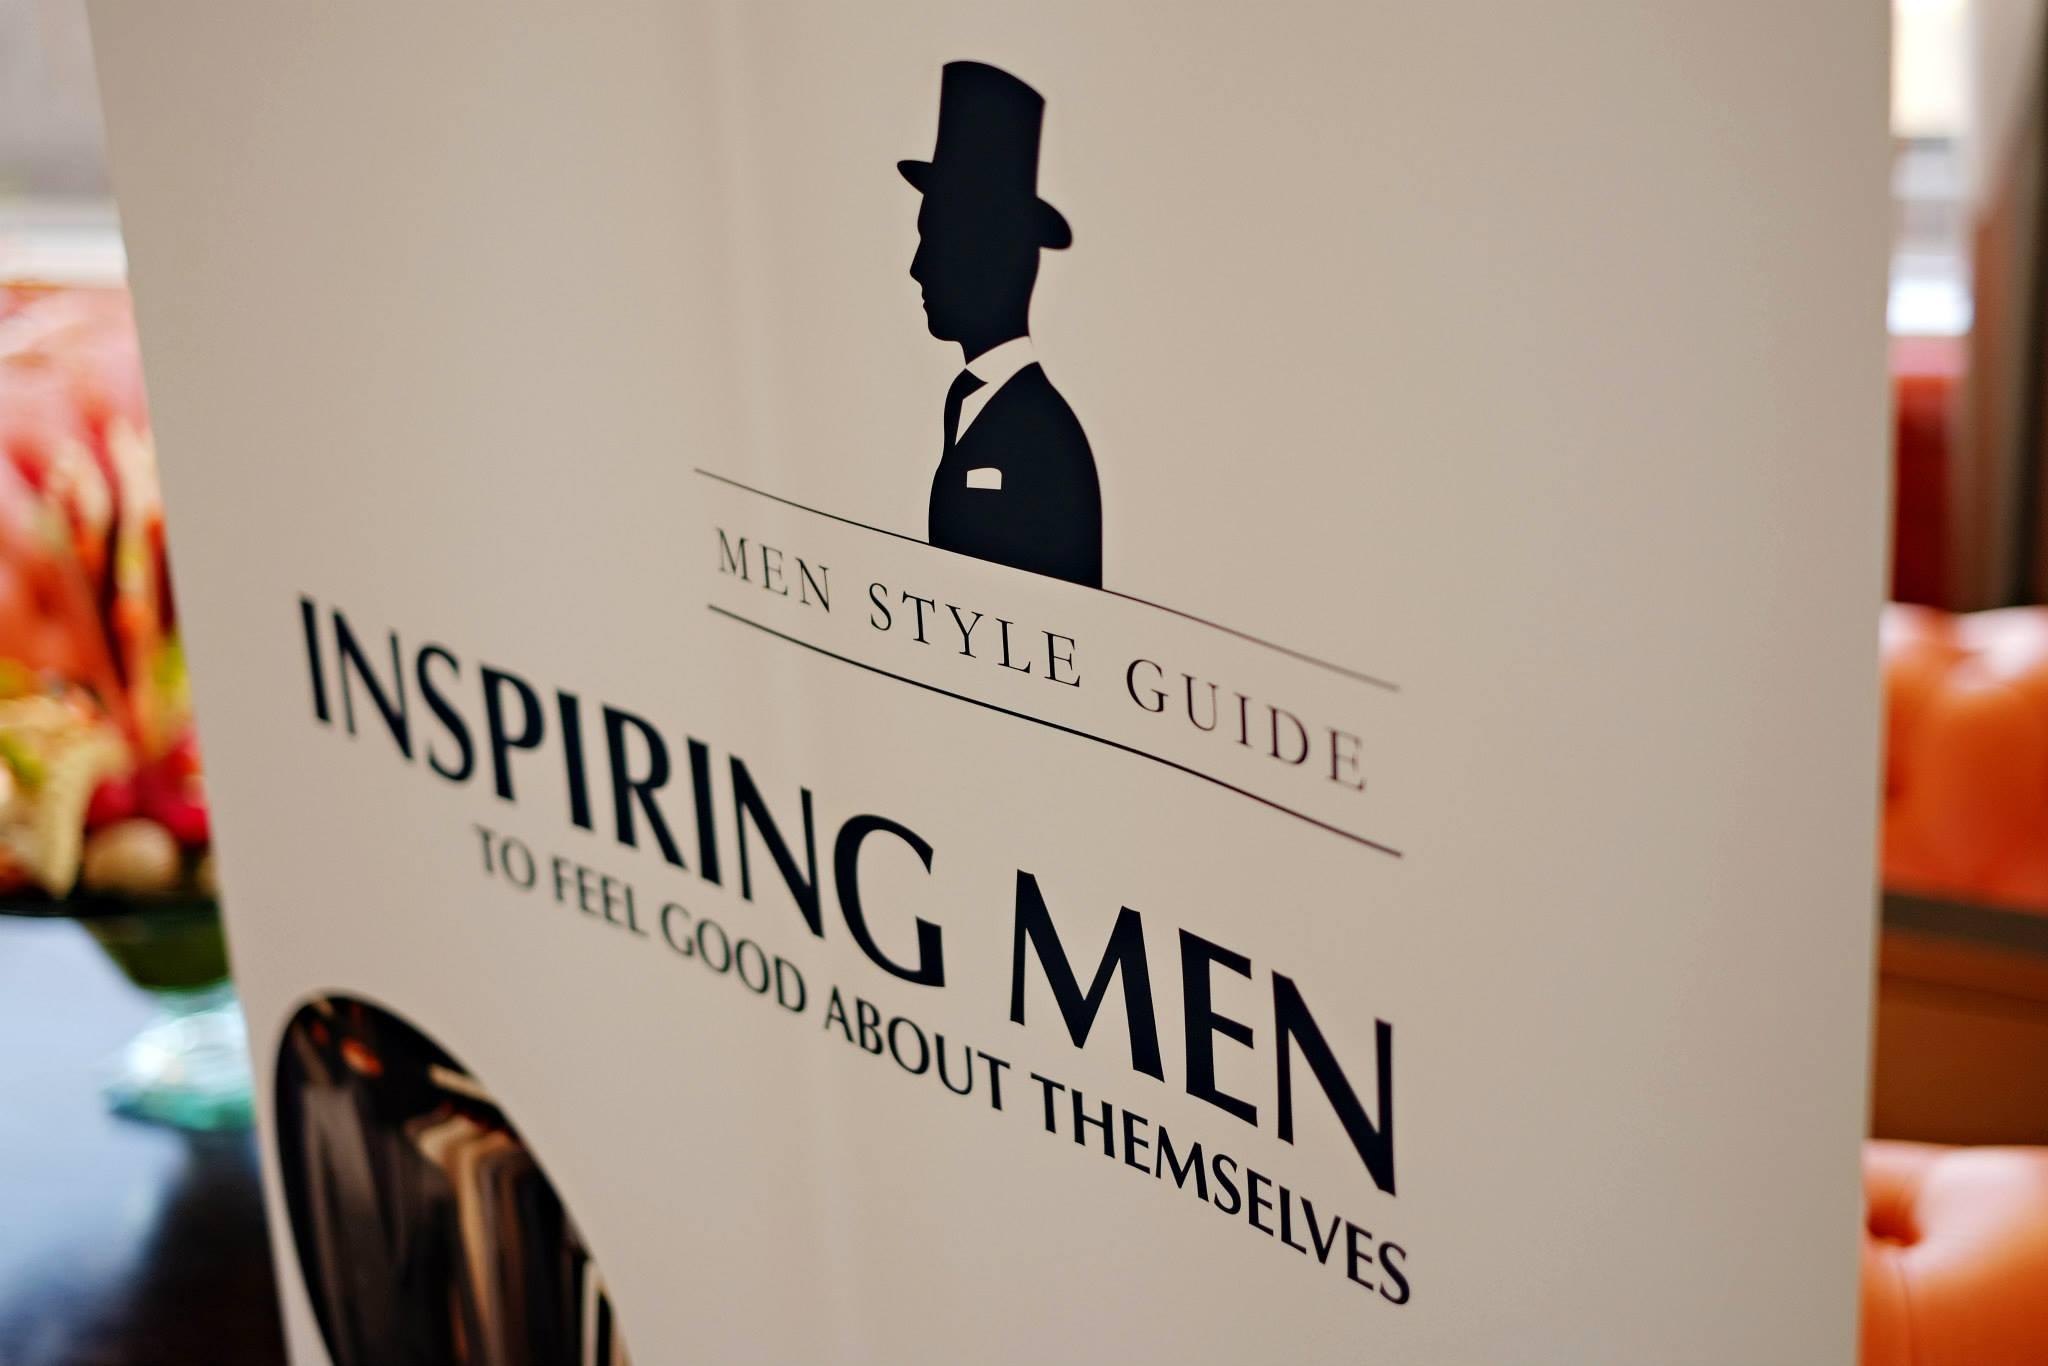 Haideti sa vorbim despre moda masculina la cel mai inalt nivel